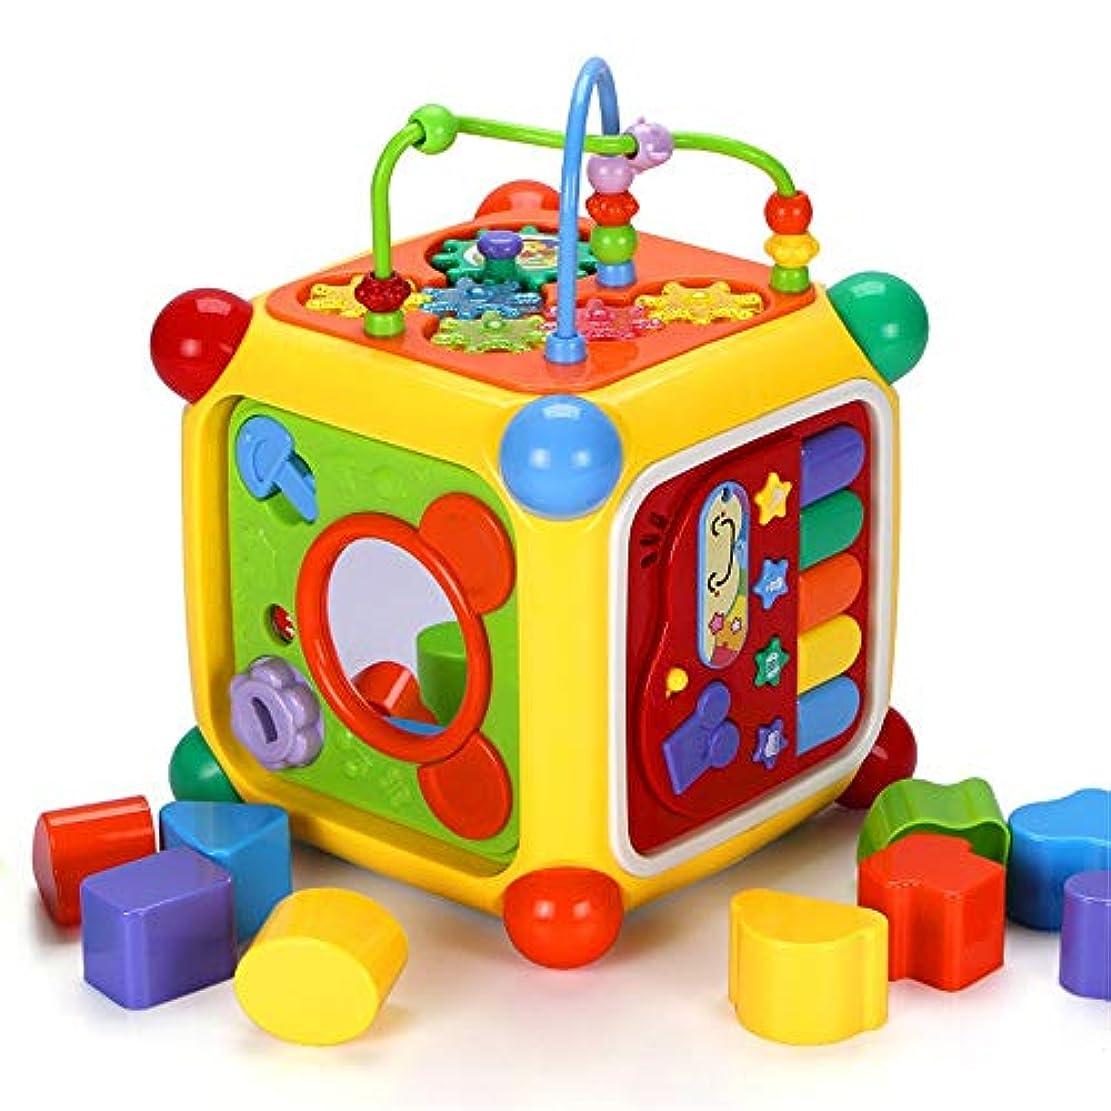 受粉者他の日正しく迷路 型はめ ビーズ迷路赤ちゃん幼児活動センター音楽活動キューブラーニングセンターおもちゃのインタラクティブ教育活動を再生します (Color : Multi-colored, Size : Free size)